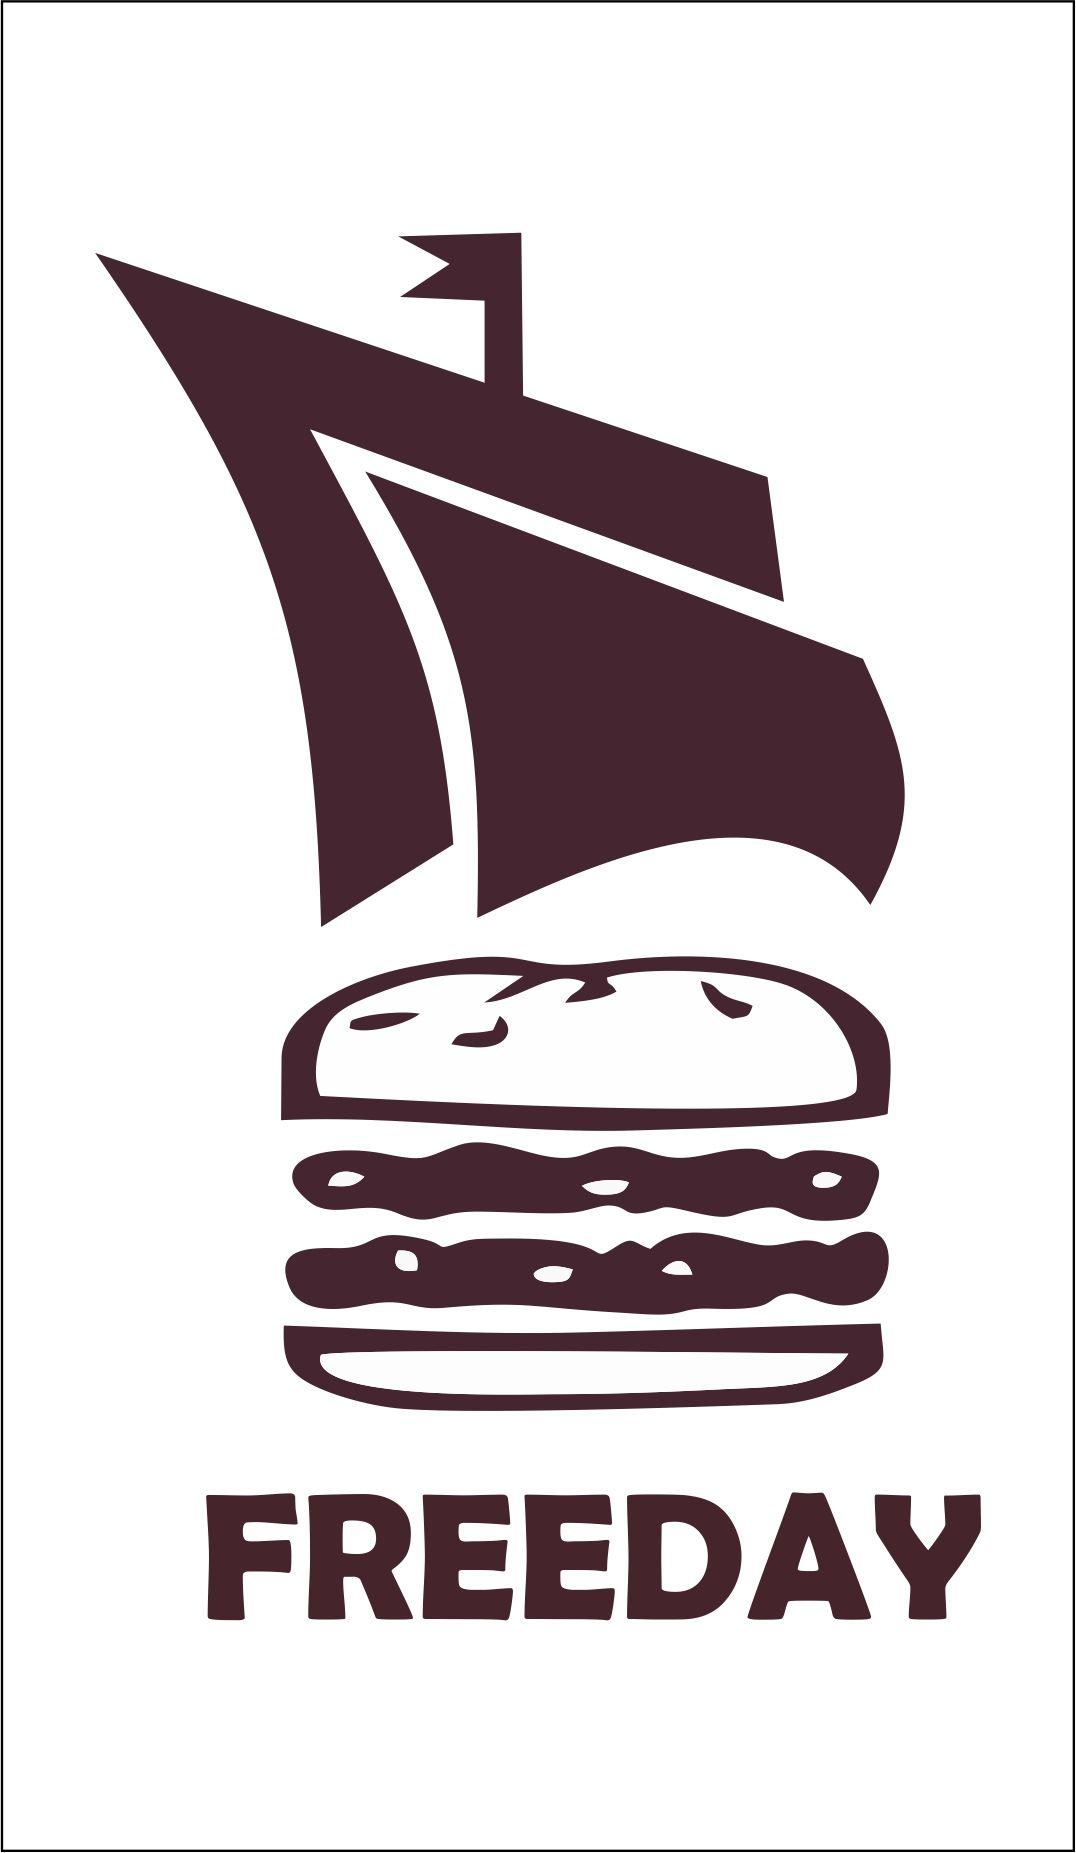 Кафе быстрого обслуживания (fast food) - дизайнер Krasivayav